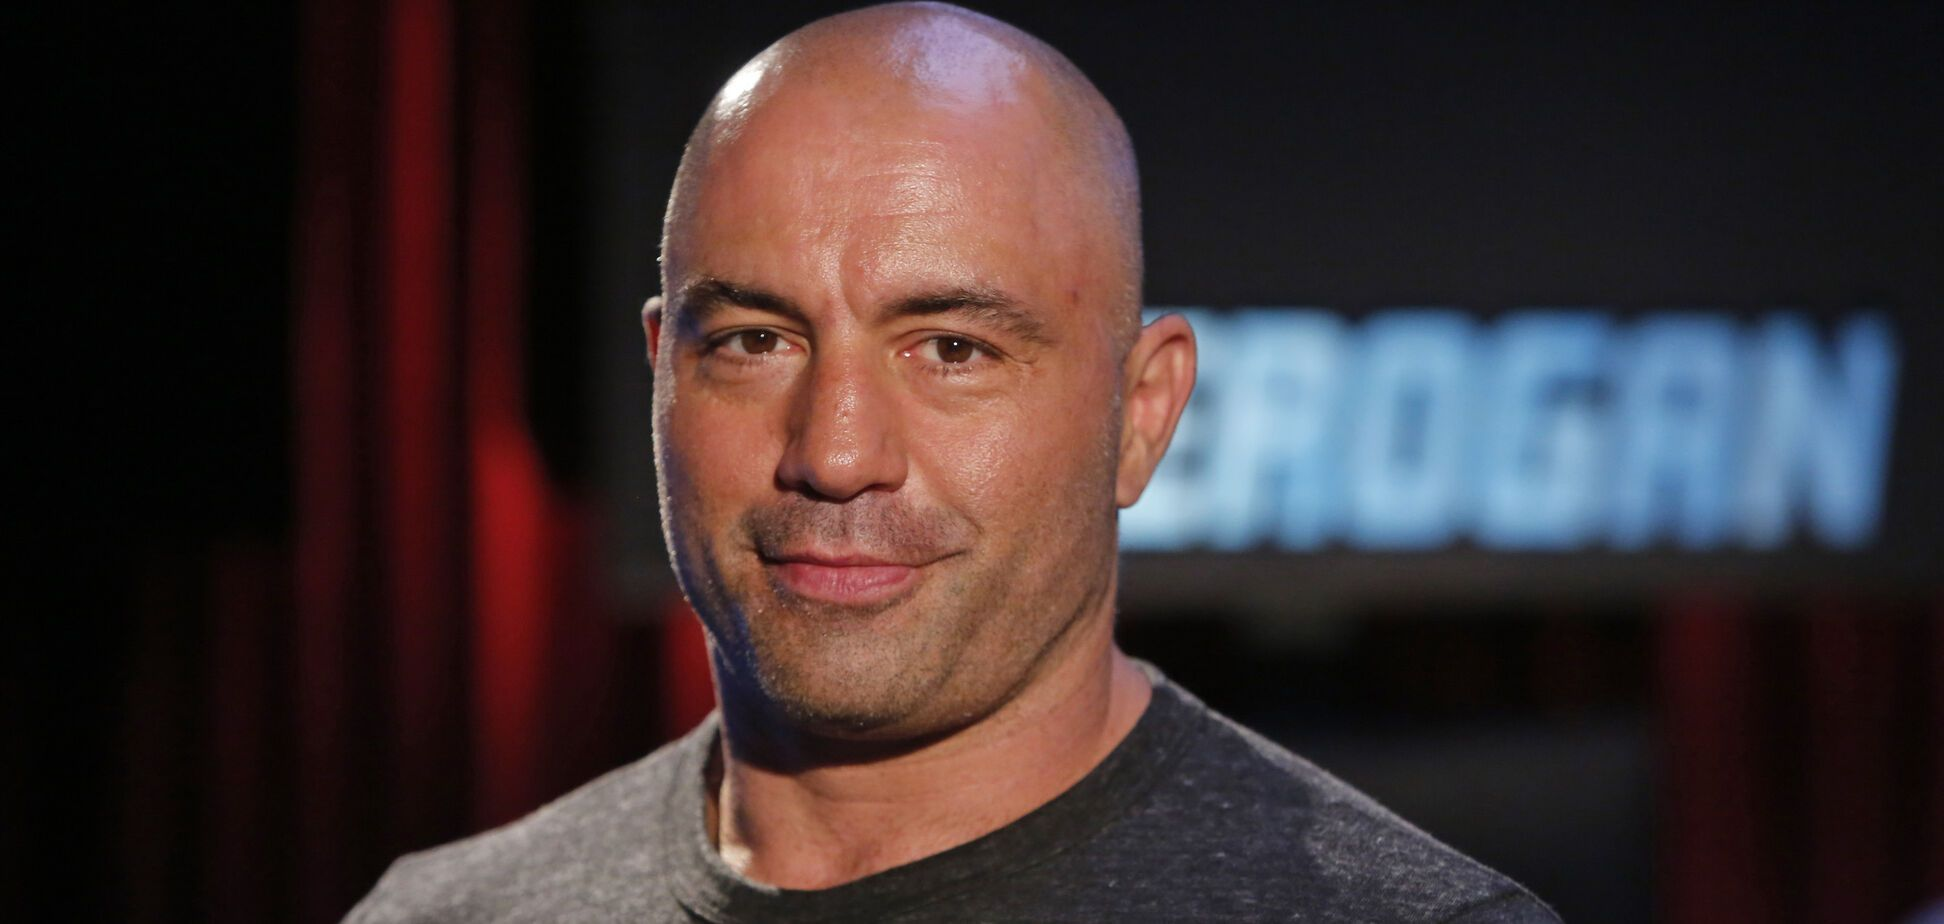 'Бой Хабиб - Фергюсон проклят': известный комментатор прошелся по UFC из-за коронавируса